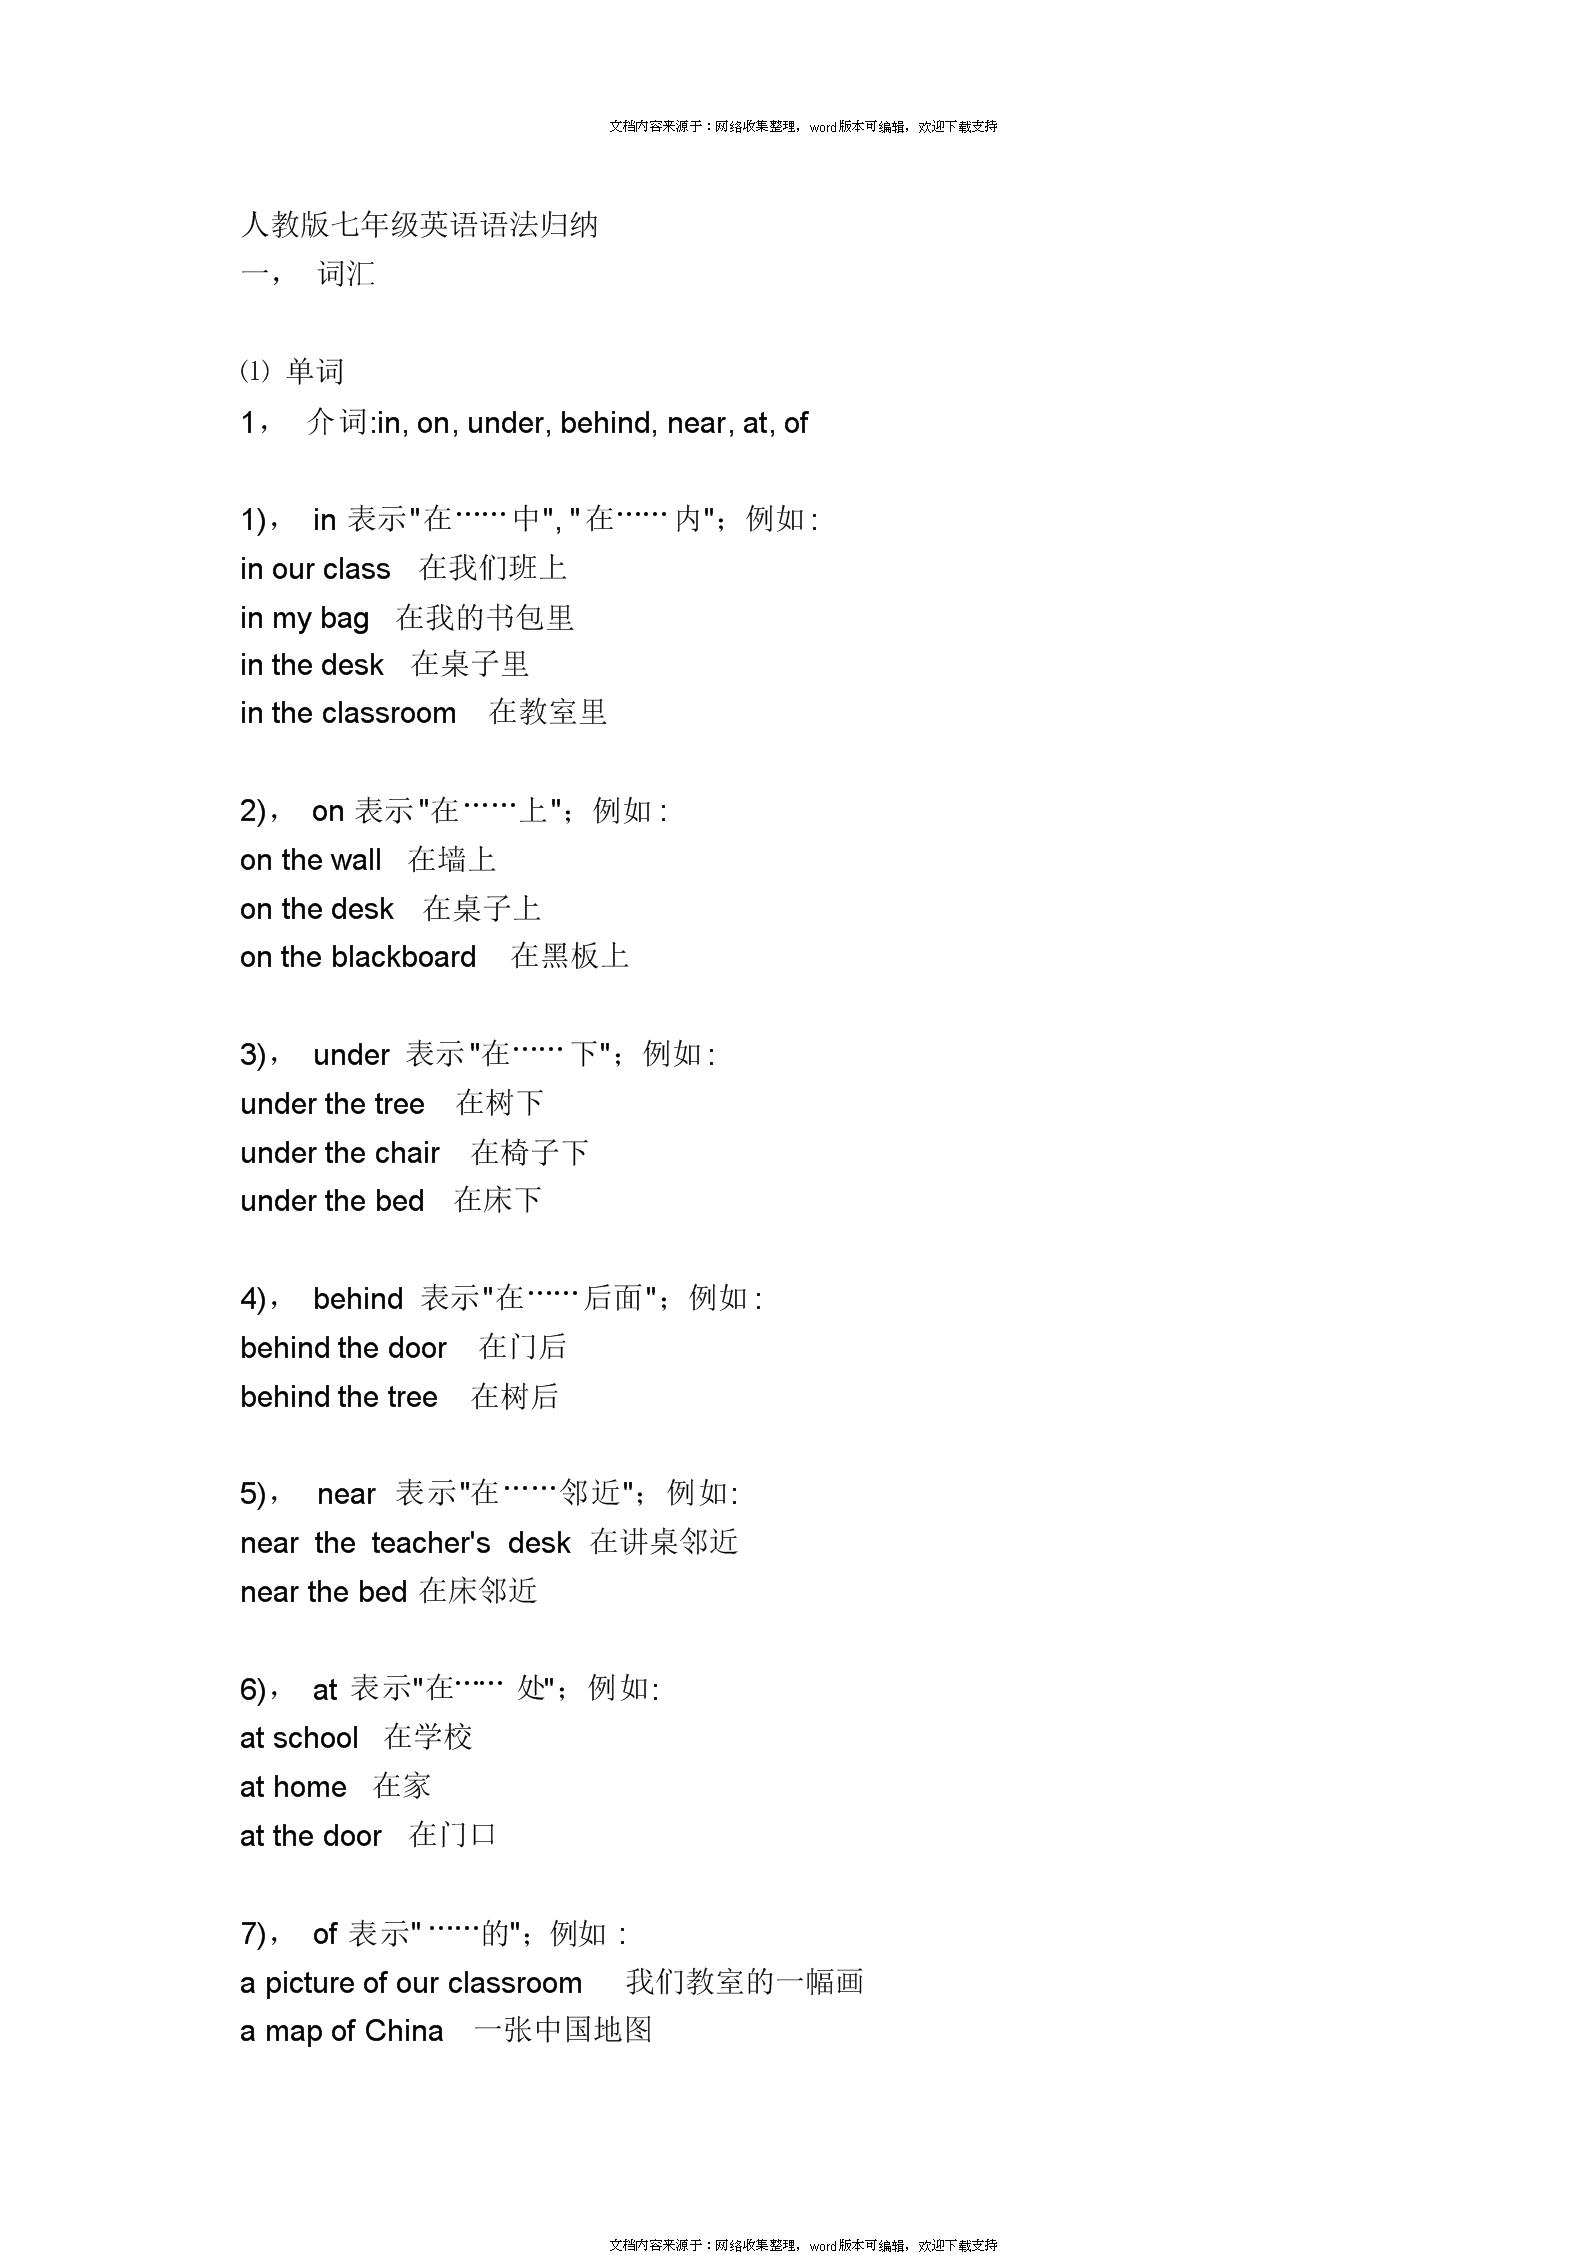 【英语】人教版初一英语语法归纳.docx